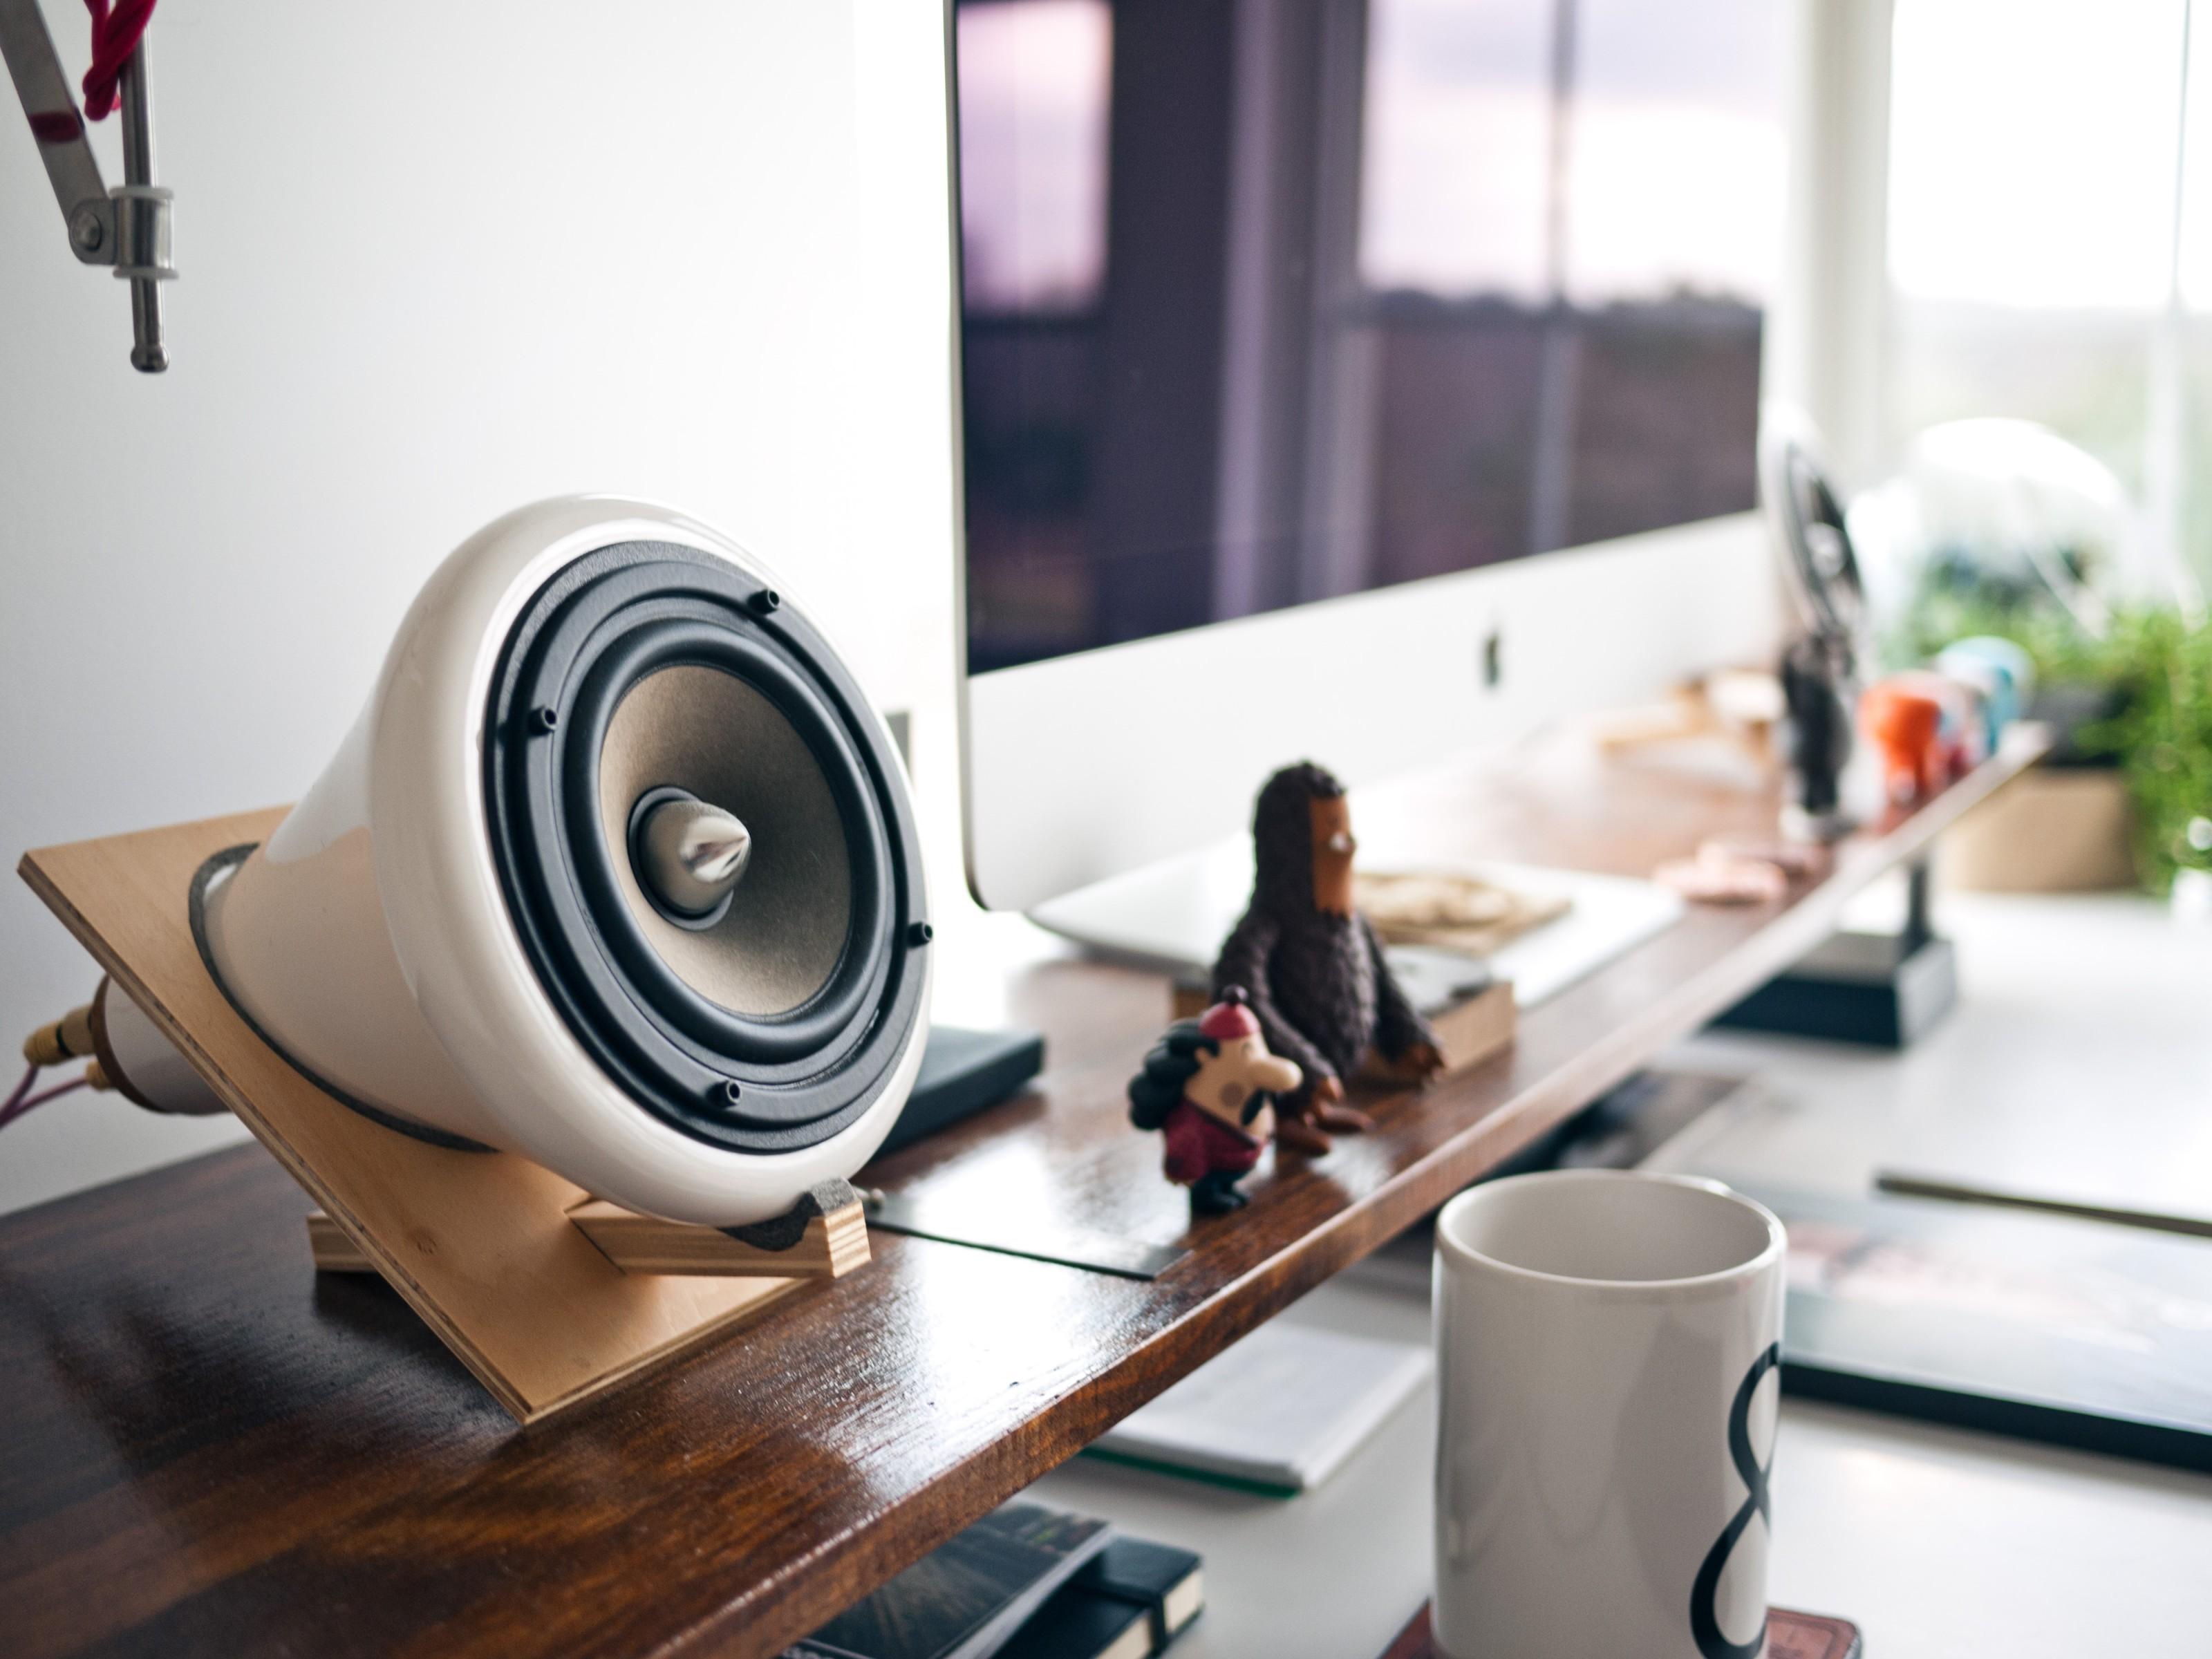 Música no ambiente de trabalho: ajuda ou atrapalha?